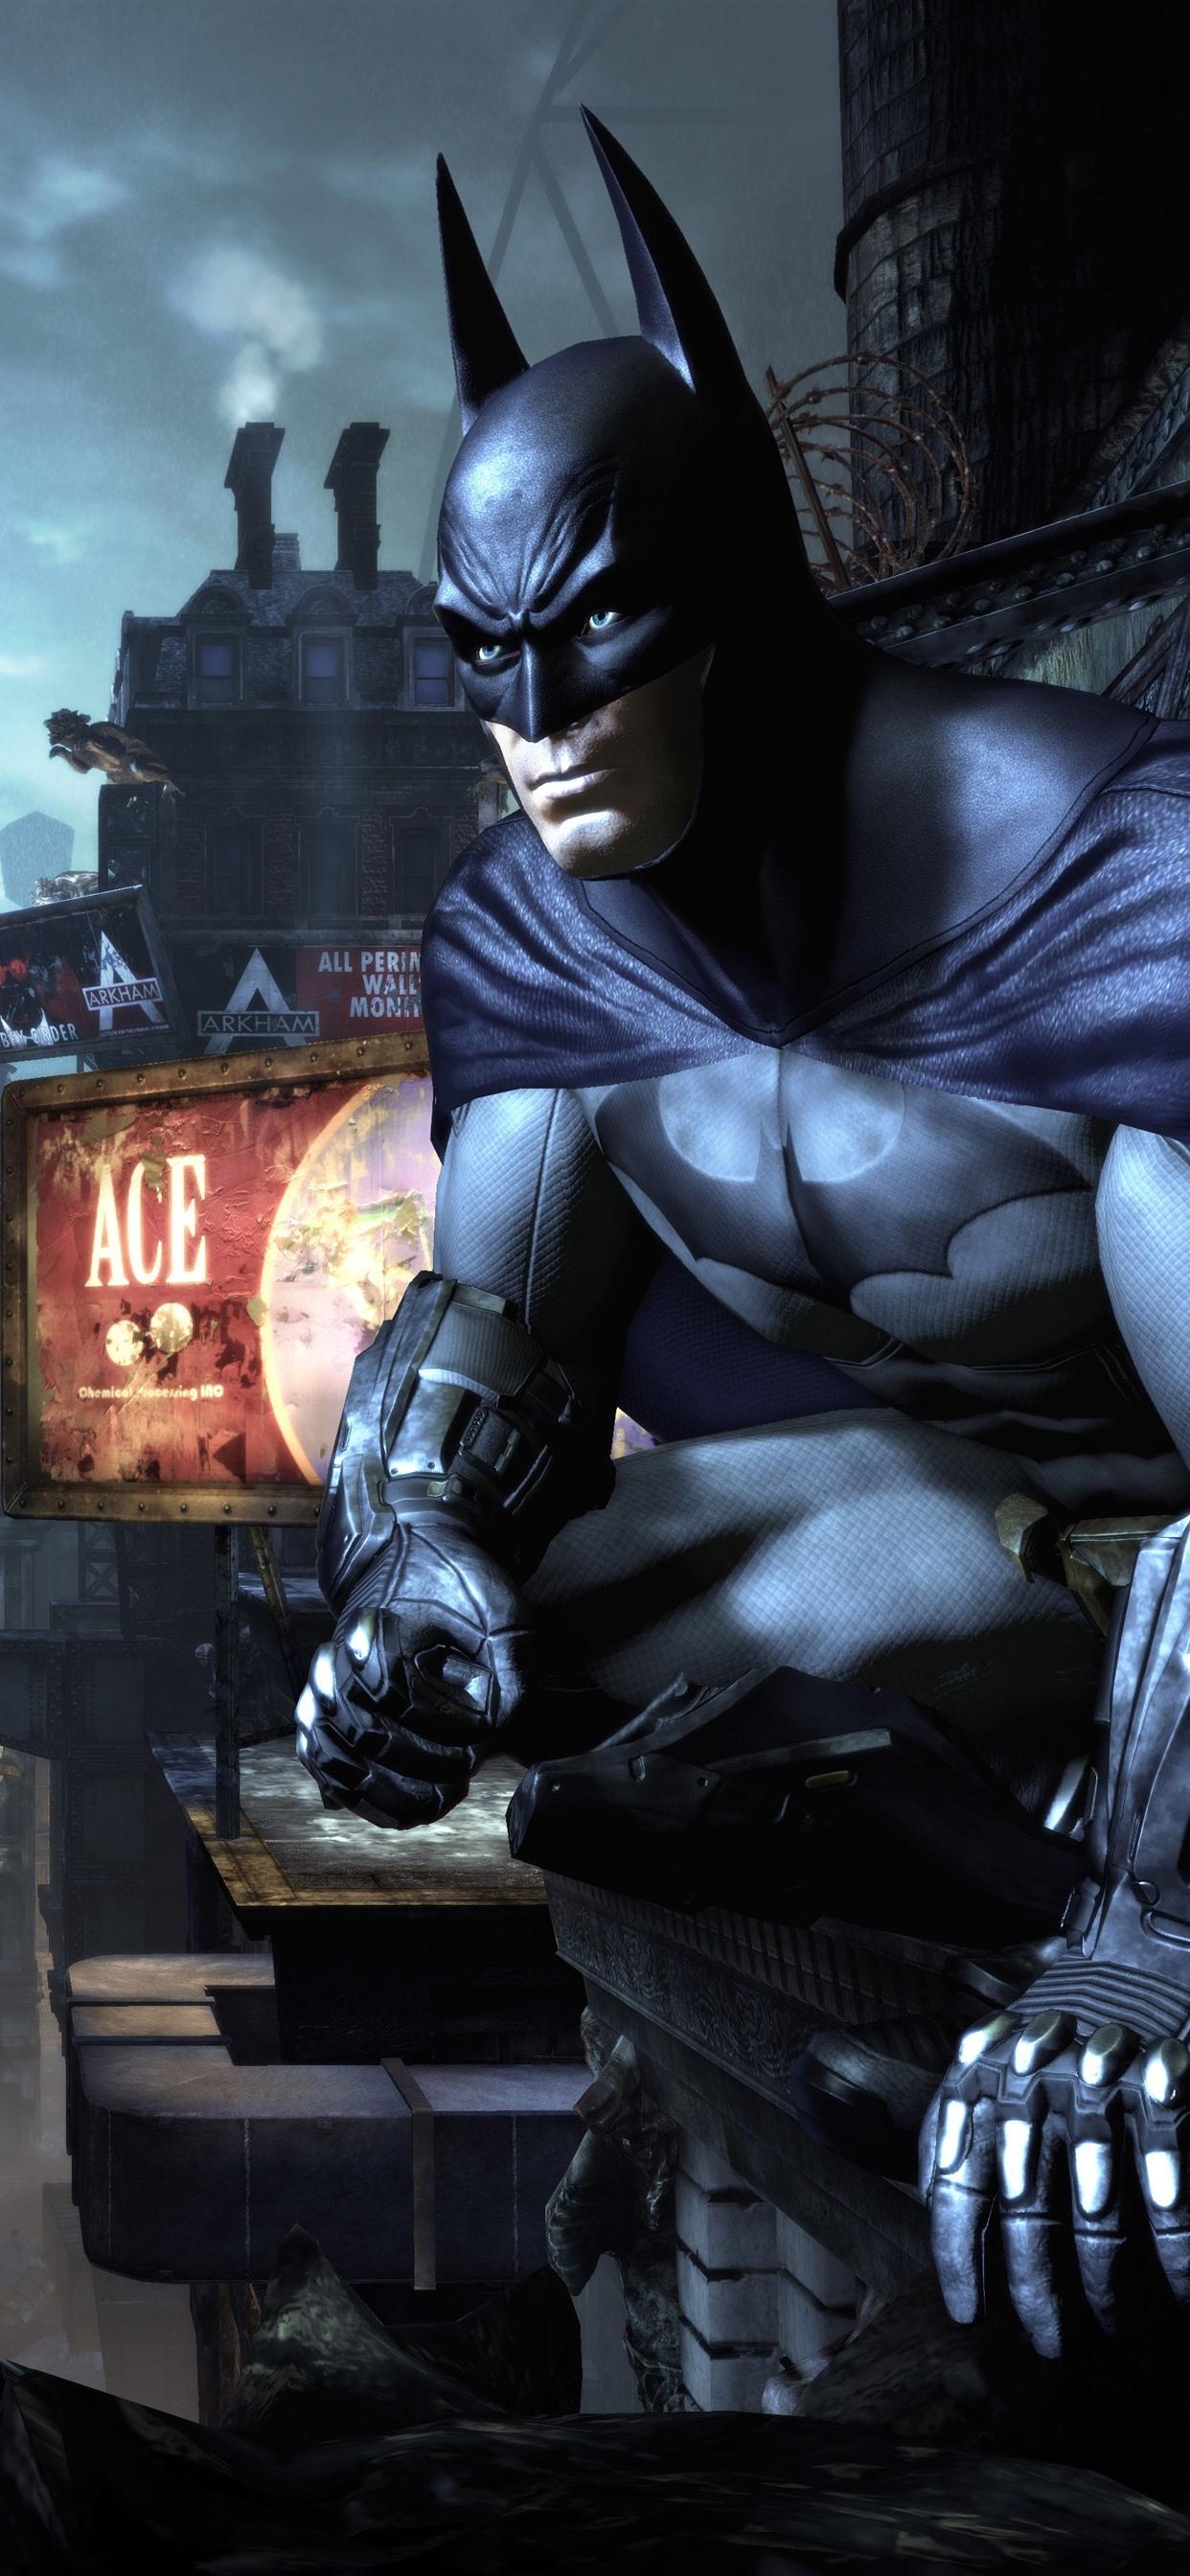 バットマン都市夜pc ゲーム 1242x2688 Iphone Xs Max 壁紙